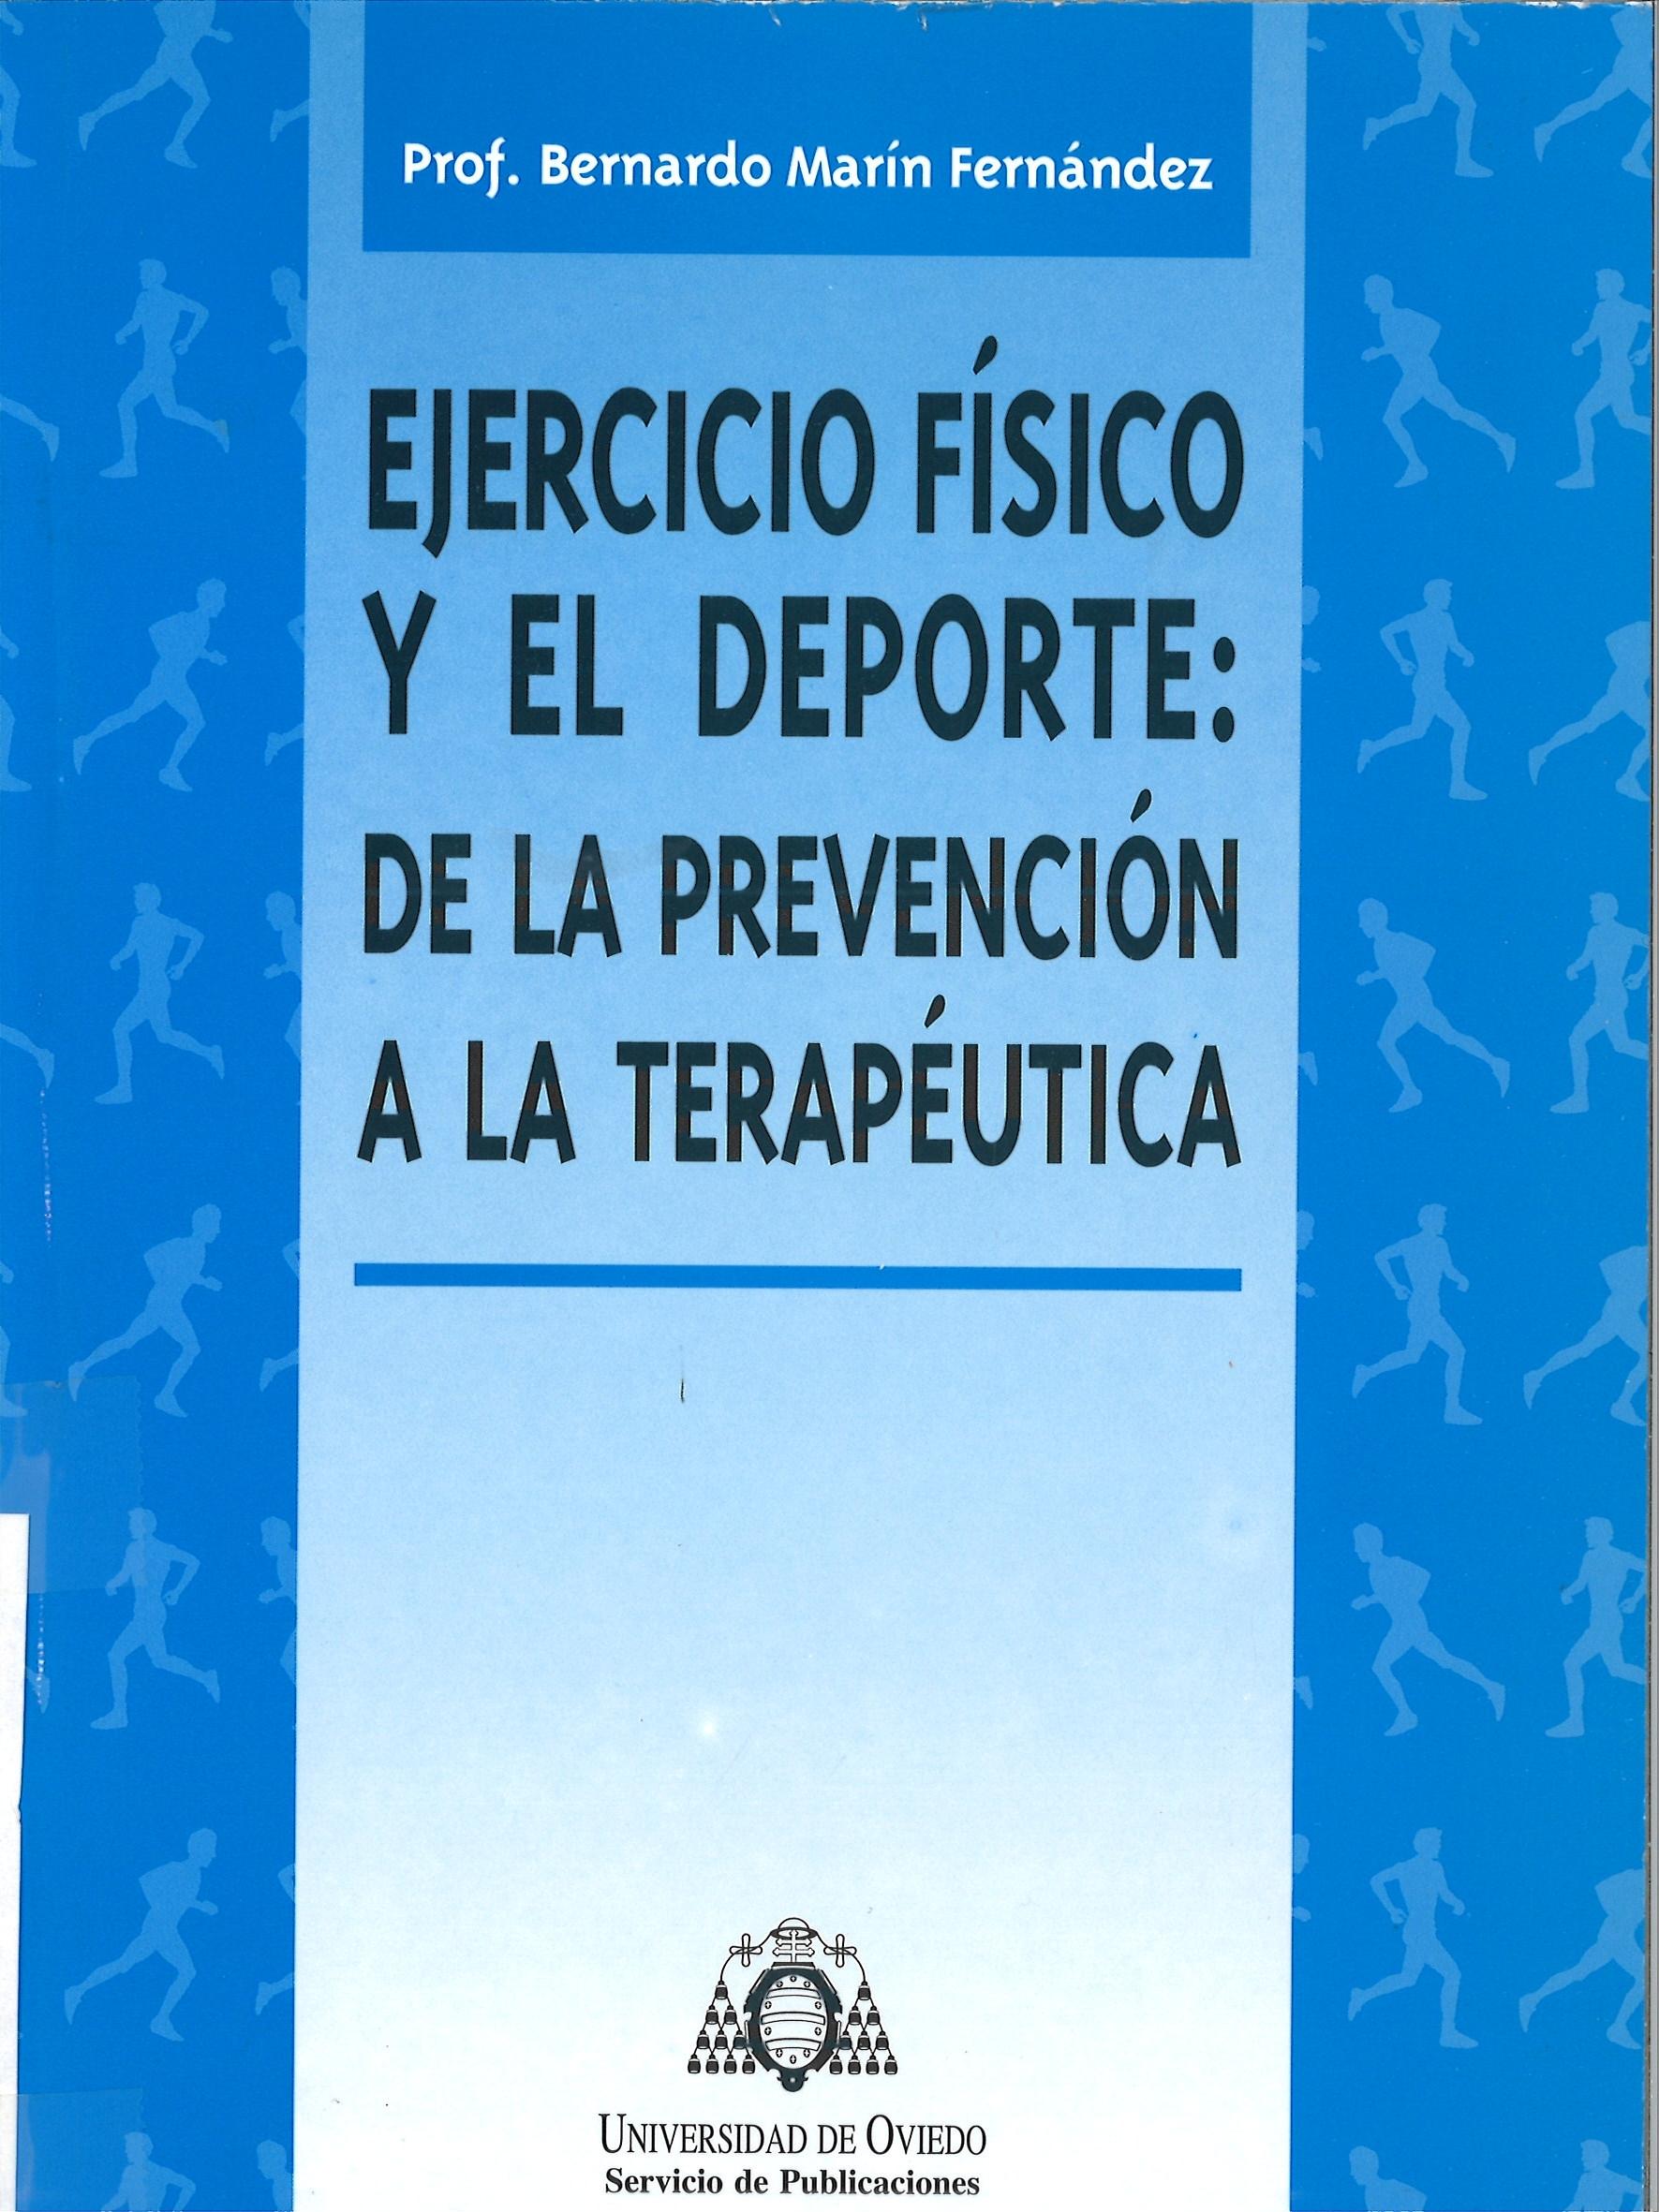 EJERICIO FISICO Y DEPORTE: DE LA PREVENCION A LA TERAPEUTICA